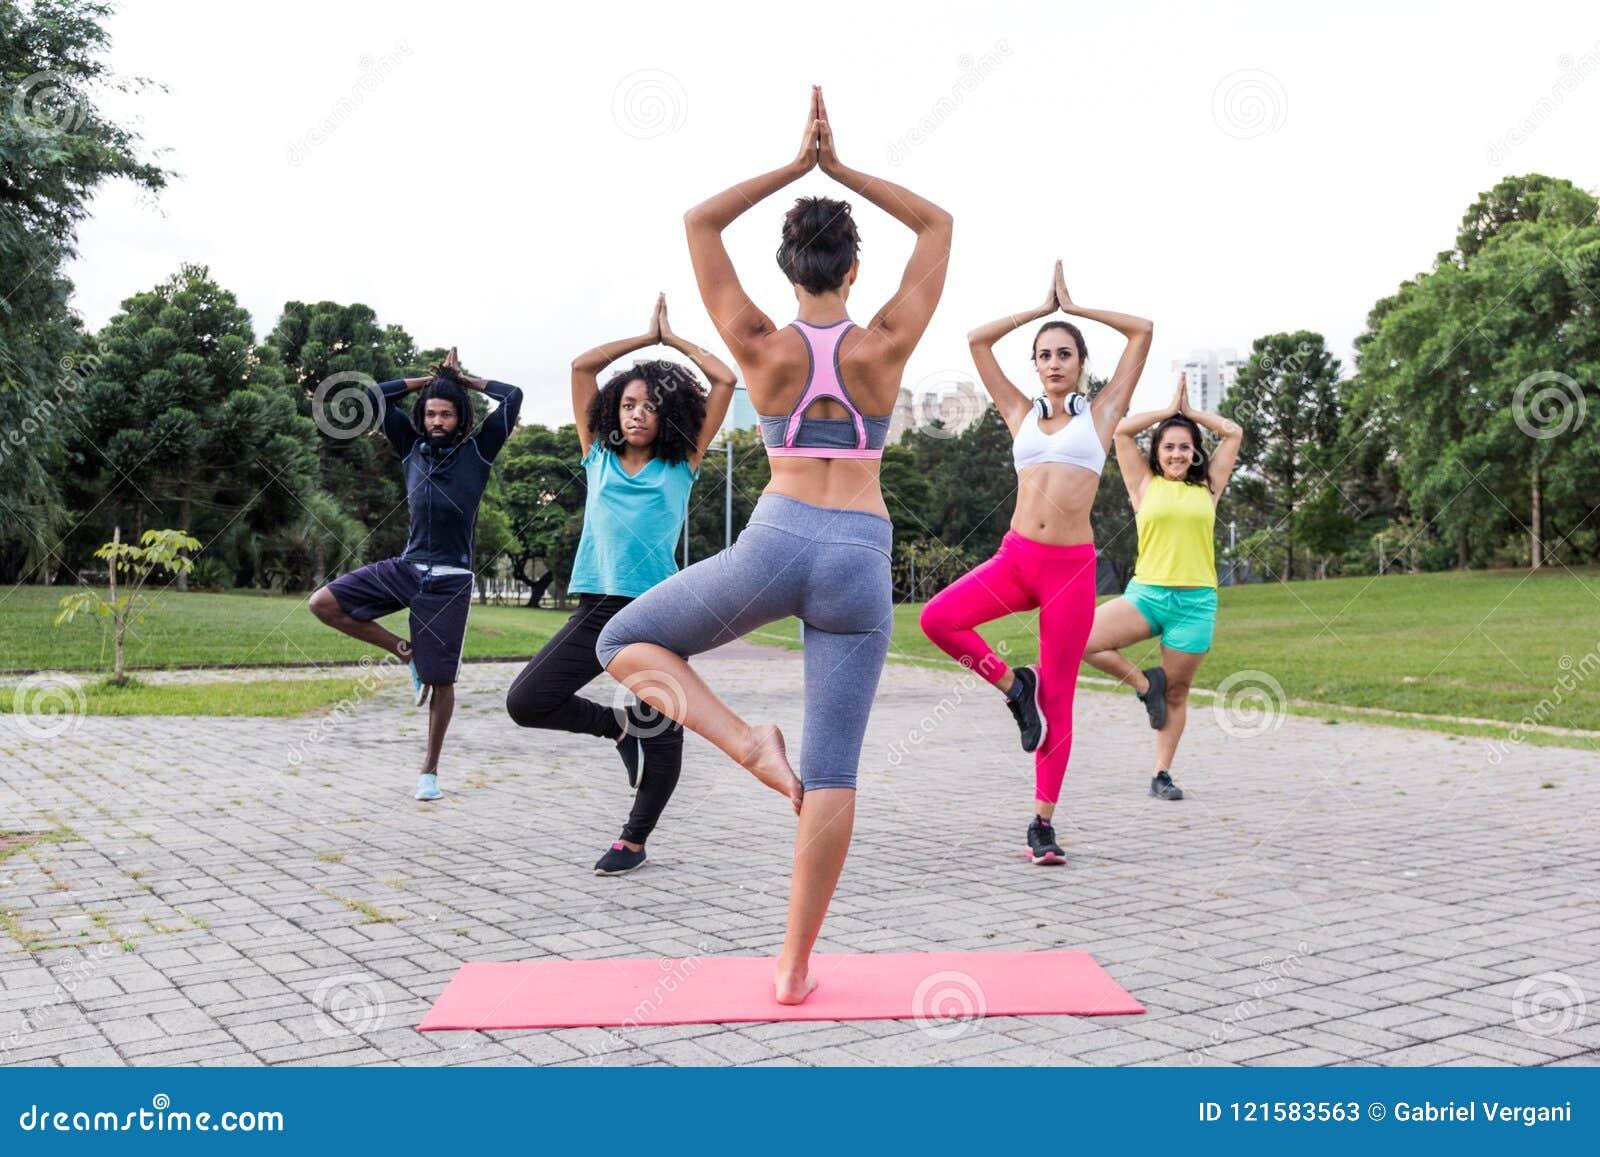 Yogaklassen in openlucht met multiraciale groep in verschillende physic